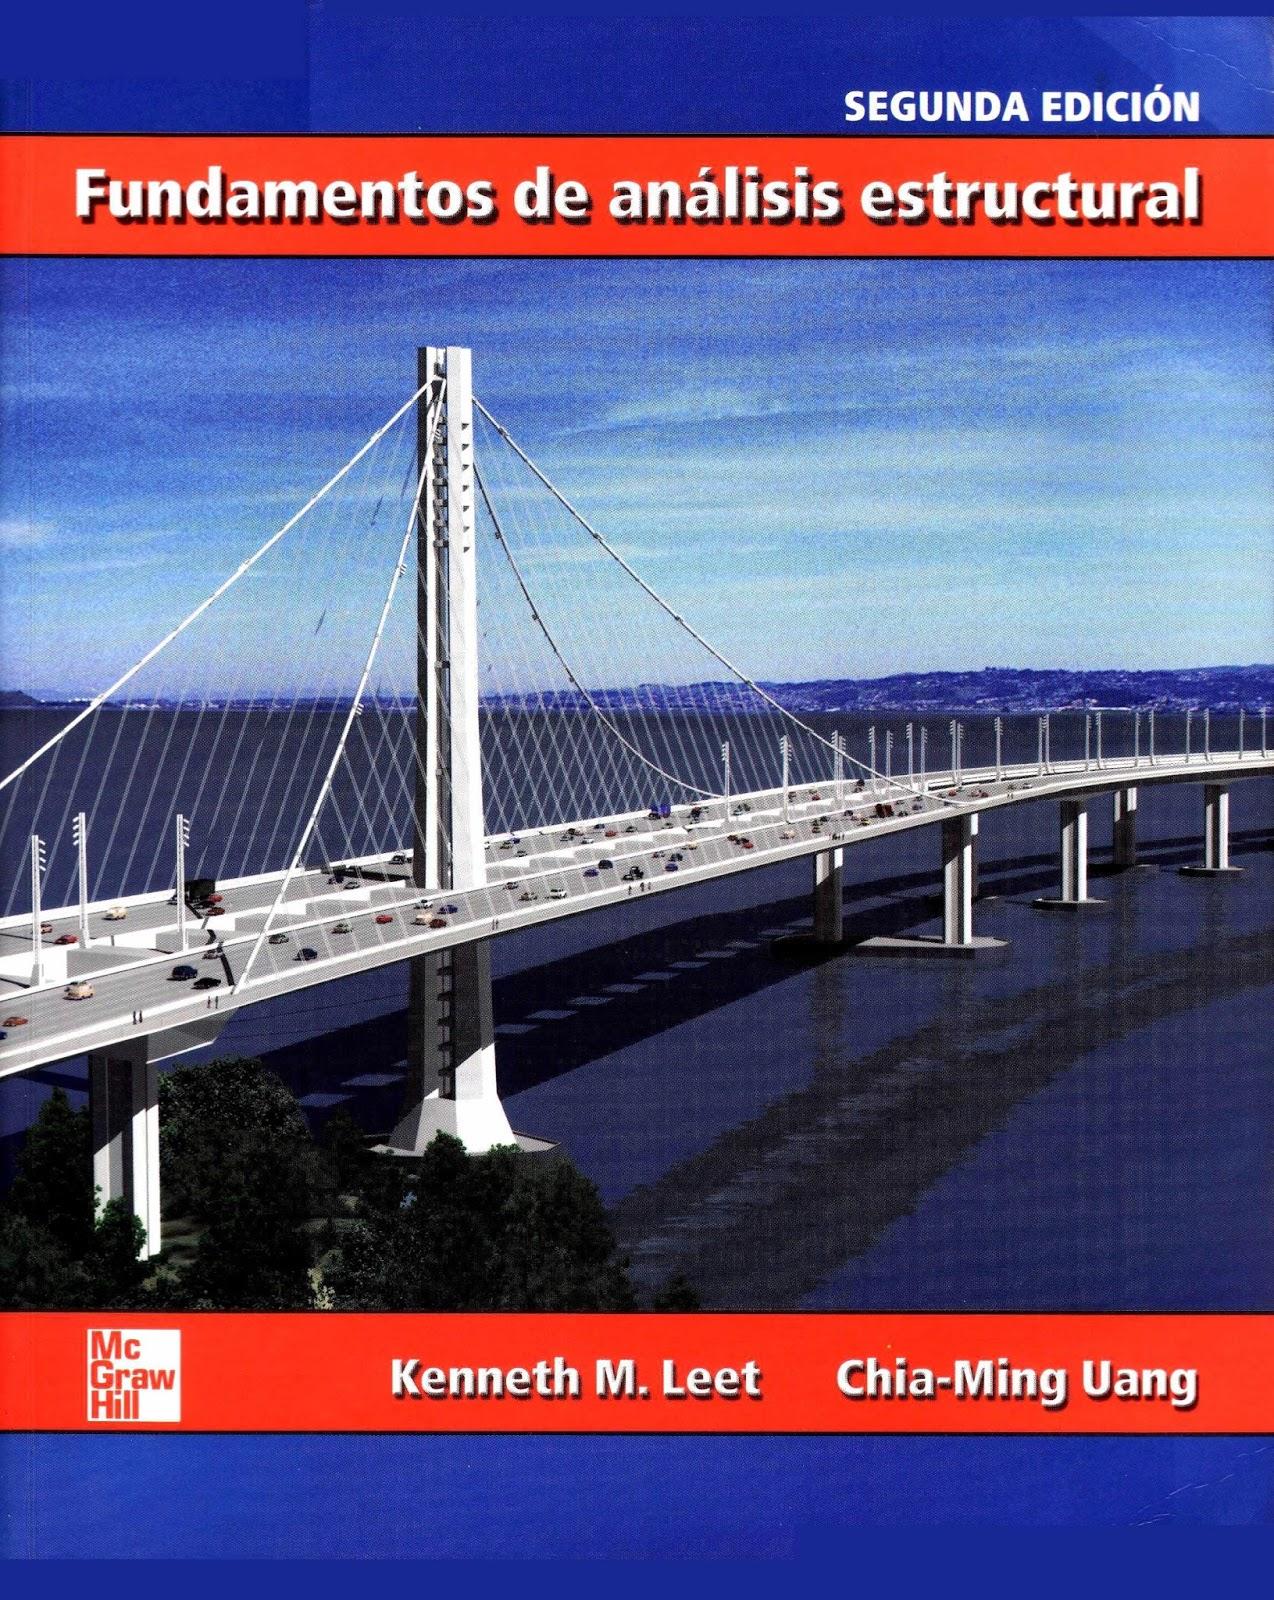 Fundamentos de análisis estructural, 2da Edición – Kenneth M. Leet